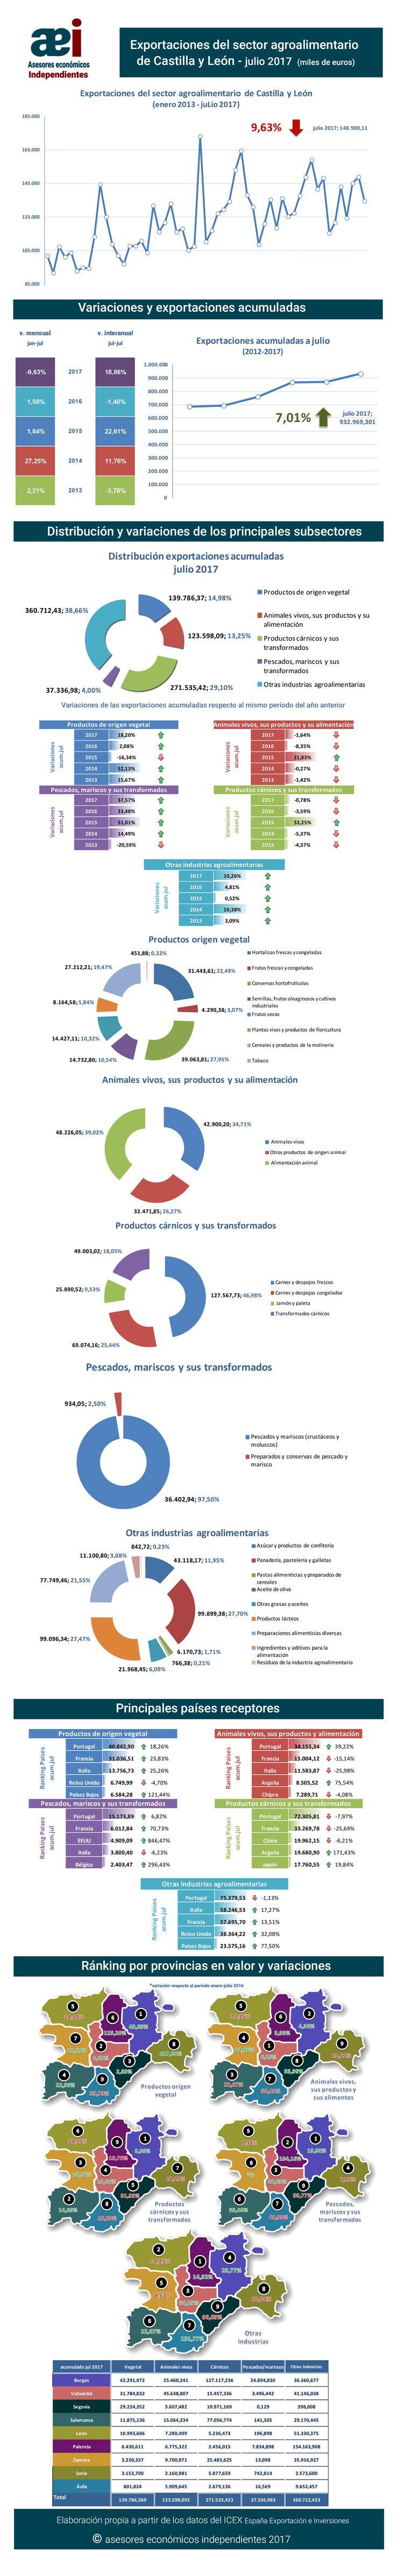 infografía de exportaciones del sector agroalimentario de Castilla y León en el mes de julio 2017 realizada por Javier Méndez Lirón